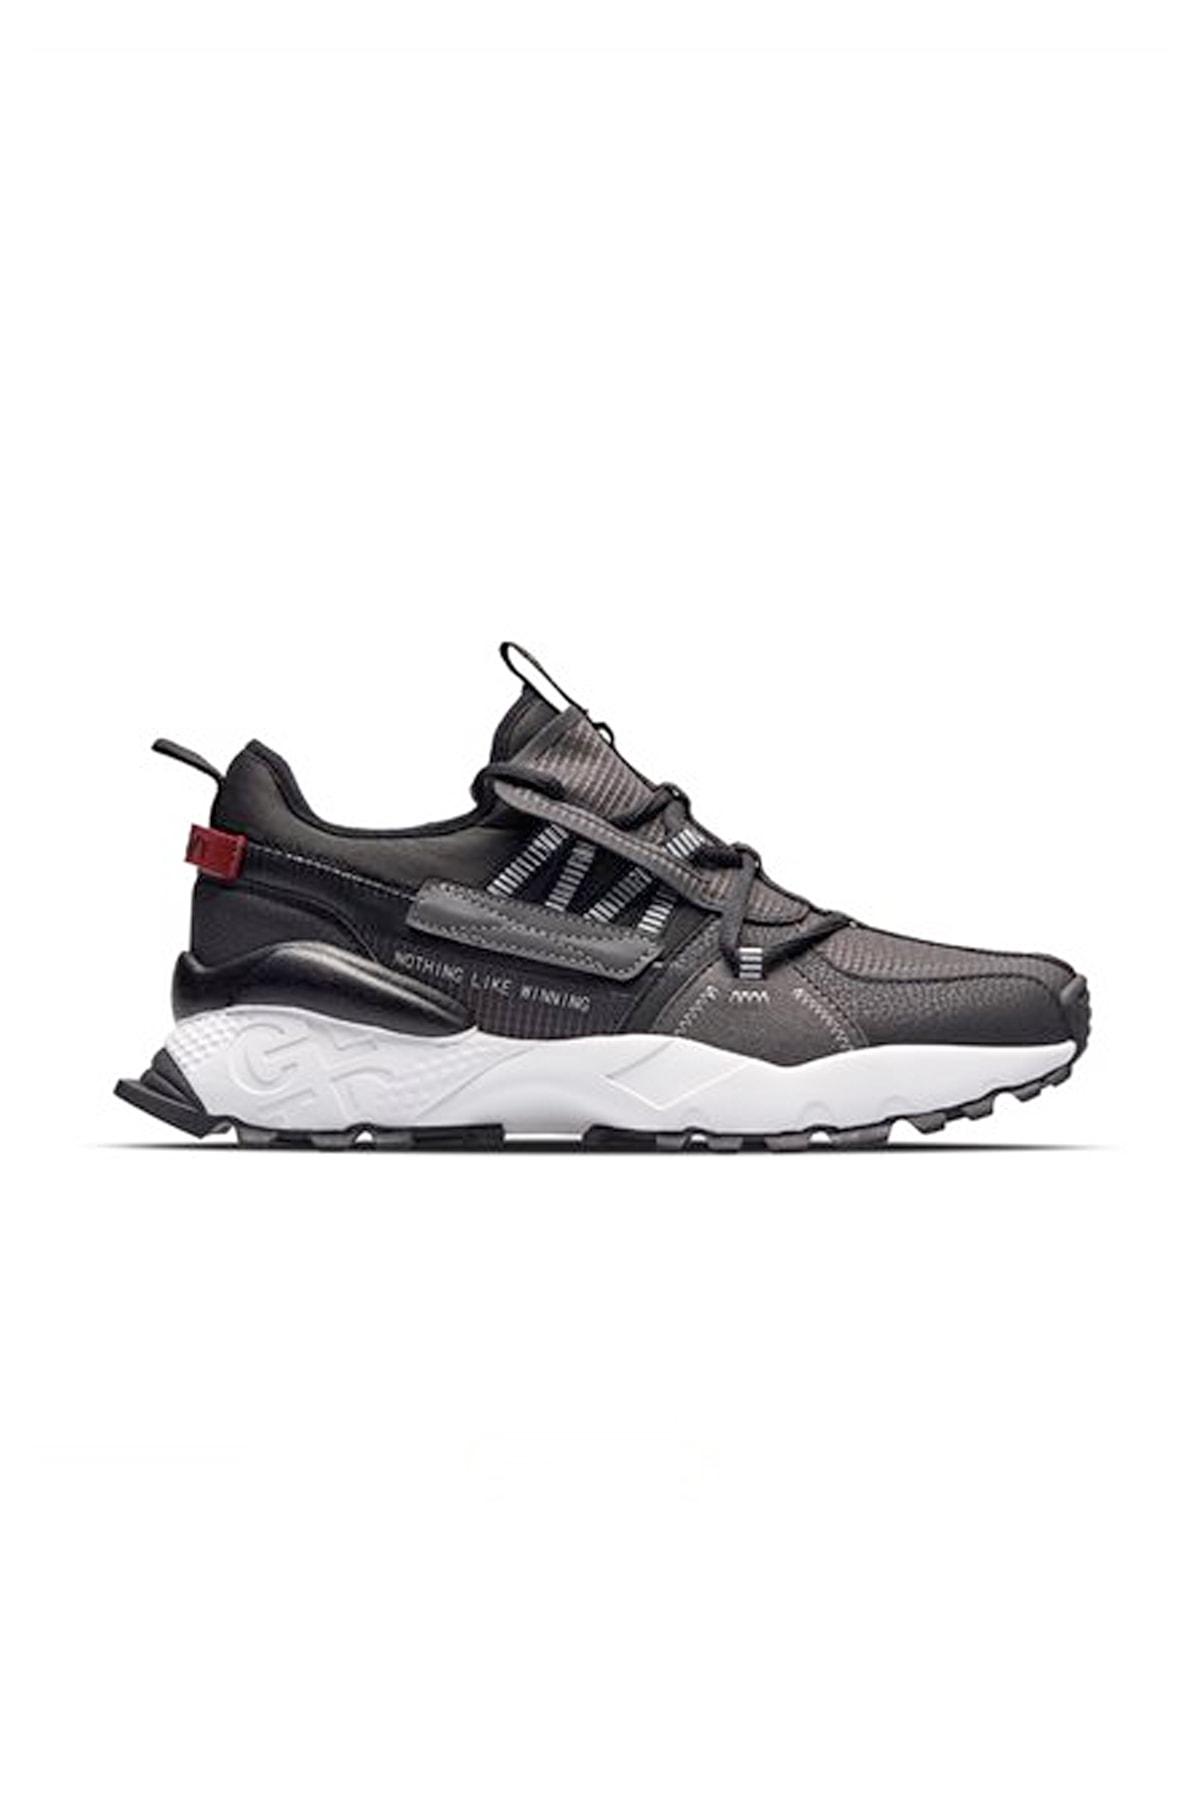 Lescon Ly-traıl Hııllcross Günlük Unısex Spor Ayakkabı/siyah/40 1